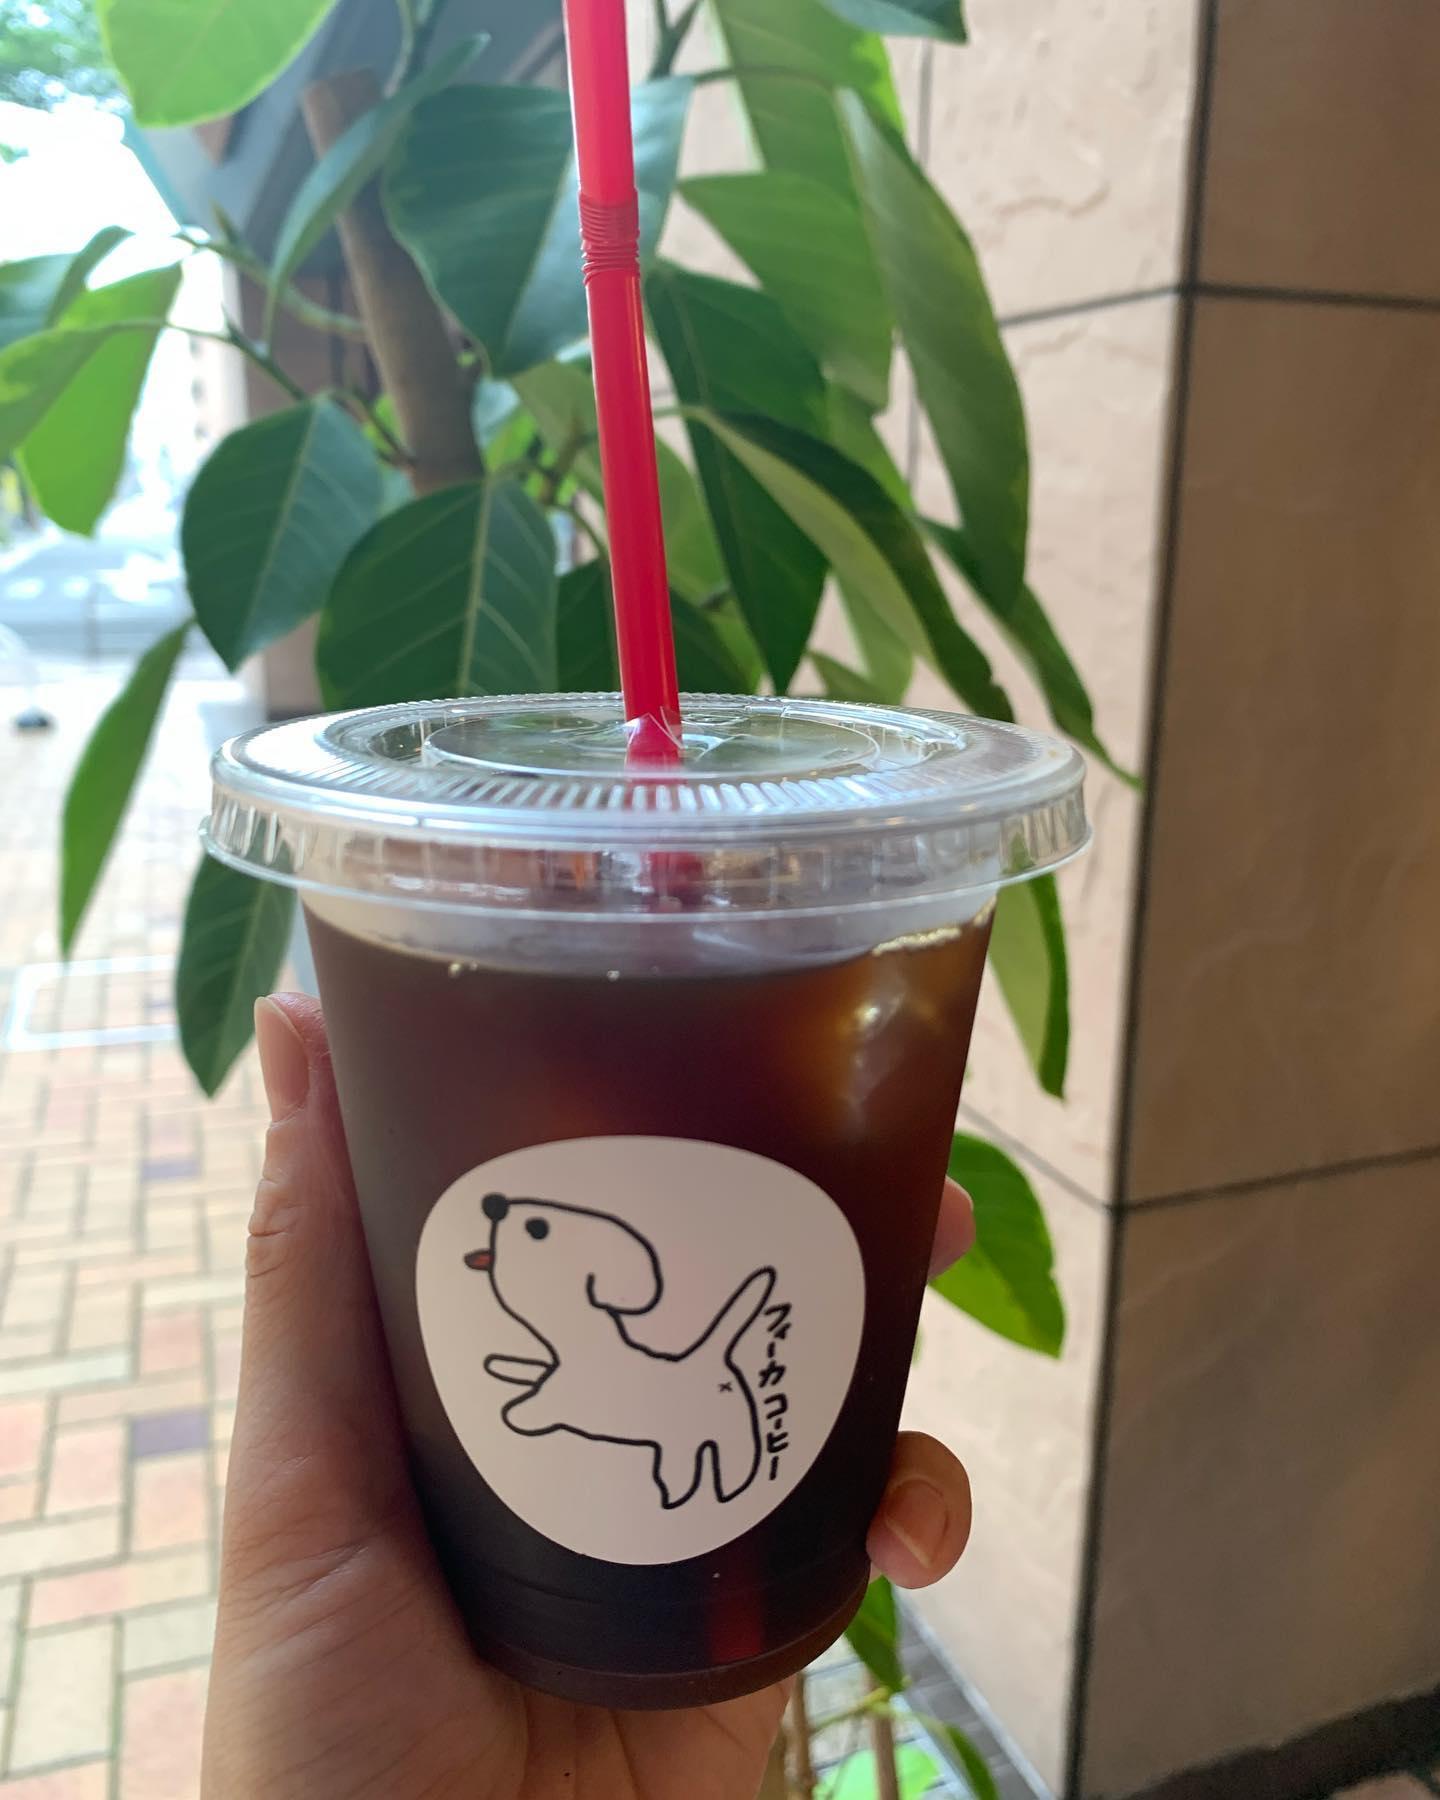 さて給水(*´-`)おはようございますFIKACOFFEEエリカですFIKAの水出しアイスコーヒーはまろやかでコクと甘さがあるごくごく飲めちゃうアイスコーヒー️テイクアウトドリンクは100円引き中(^_^)FIKA COFFEE(フィーカ コーヒー)福岡県福岡市博多区下川端町3-1 博多リバレイン1FTEL0922926601通常営業時間→平日9:00〜20:00  土日祝9:00〜18:00店休日→不定休(早く閉めたり休んだりすることもあります)8/20〜9/12まで緊急事態宣言を受け、店内営業休業中です。平日、土日祝日ともに10:00〜18:00でテイクアウト販売をしています。新型コロナウイルス感染防止対策へのご協力お願いします!#福岡グルメ#福岡カフェ#博多#博多カフェ#中洲#博多座#福岡アジア美術館#クッキー#福岡クッキー#cookie#くまチョコミルク#ランチ#ティラミス#フレンチトースト#ummp#うむぷ#赤毛のマチコ#たま乗りジョニーのコーヒーゼリー#コーヒーゼリー#テイクアウト#シェイク#レモネード#レアチーズケーキケーキ#くま